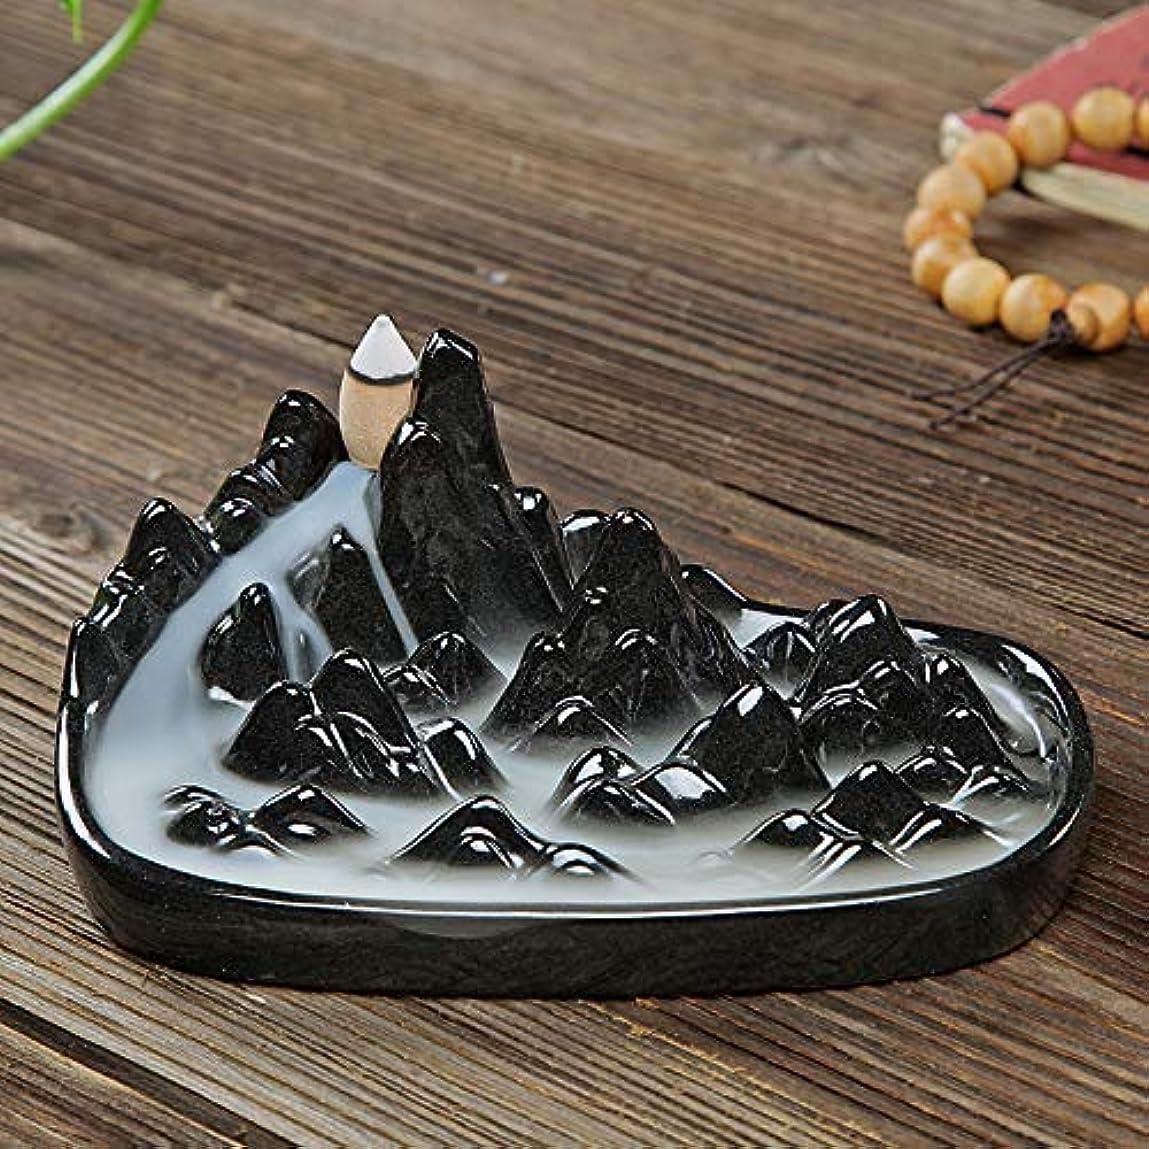 実行する小麦粉ヘクタールPHILOGOD 逆流香炉 手作り山川風景モデリング香立て 香皿/香置物 (black)